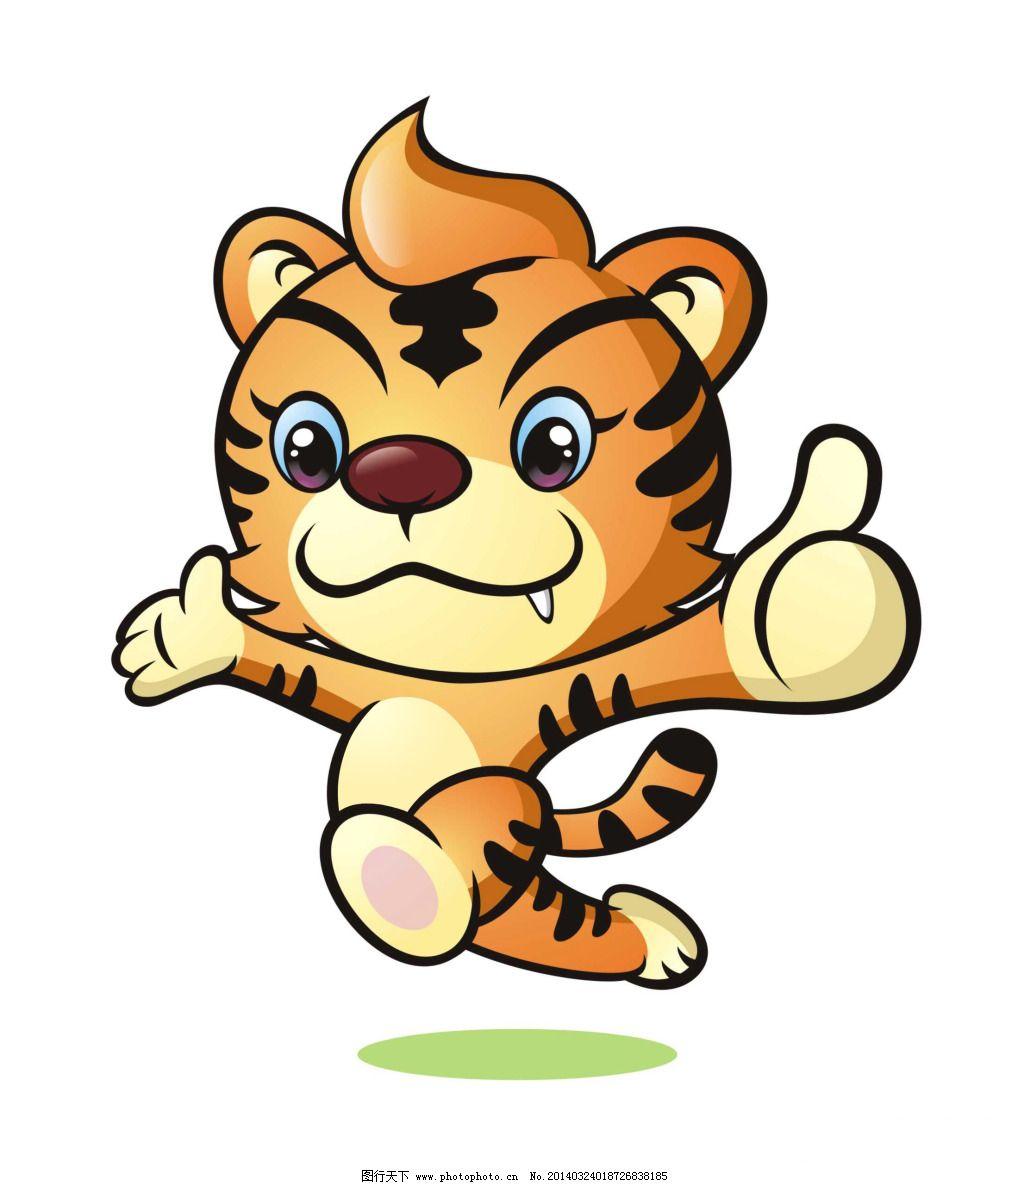 卡通小老虎 卡通小老虎免费下载 乖乖虎 图片素材 卡通动漫可爱图片